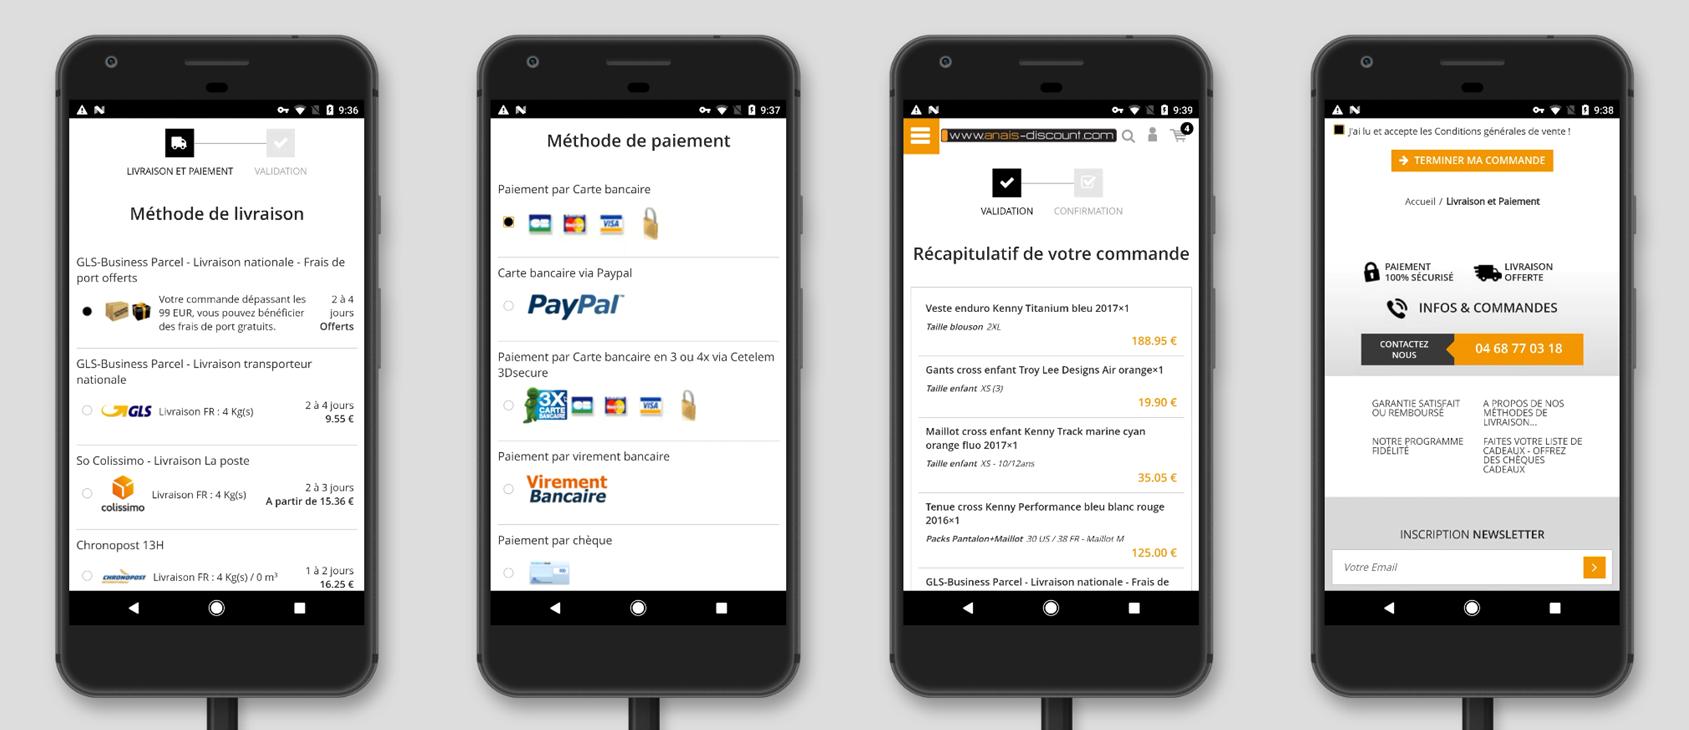 Version mobile site e-commerce pour le processus de commande : Methode de livraison et de paiement, recapitulatif